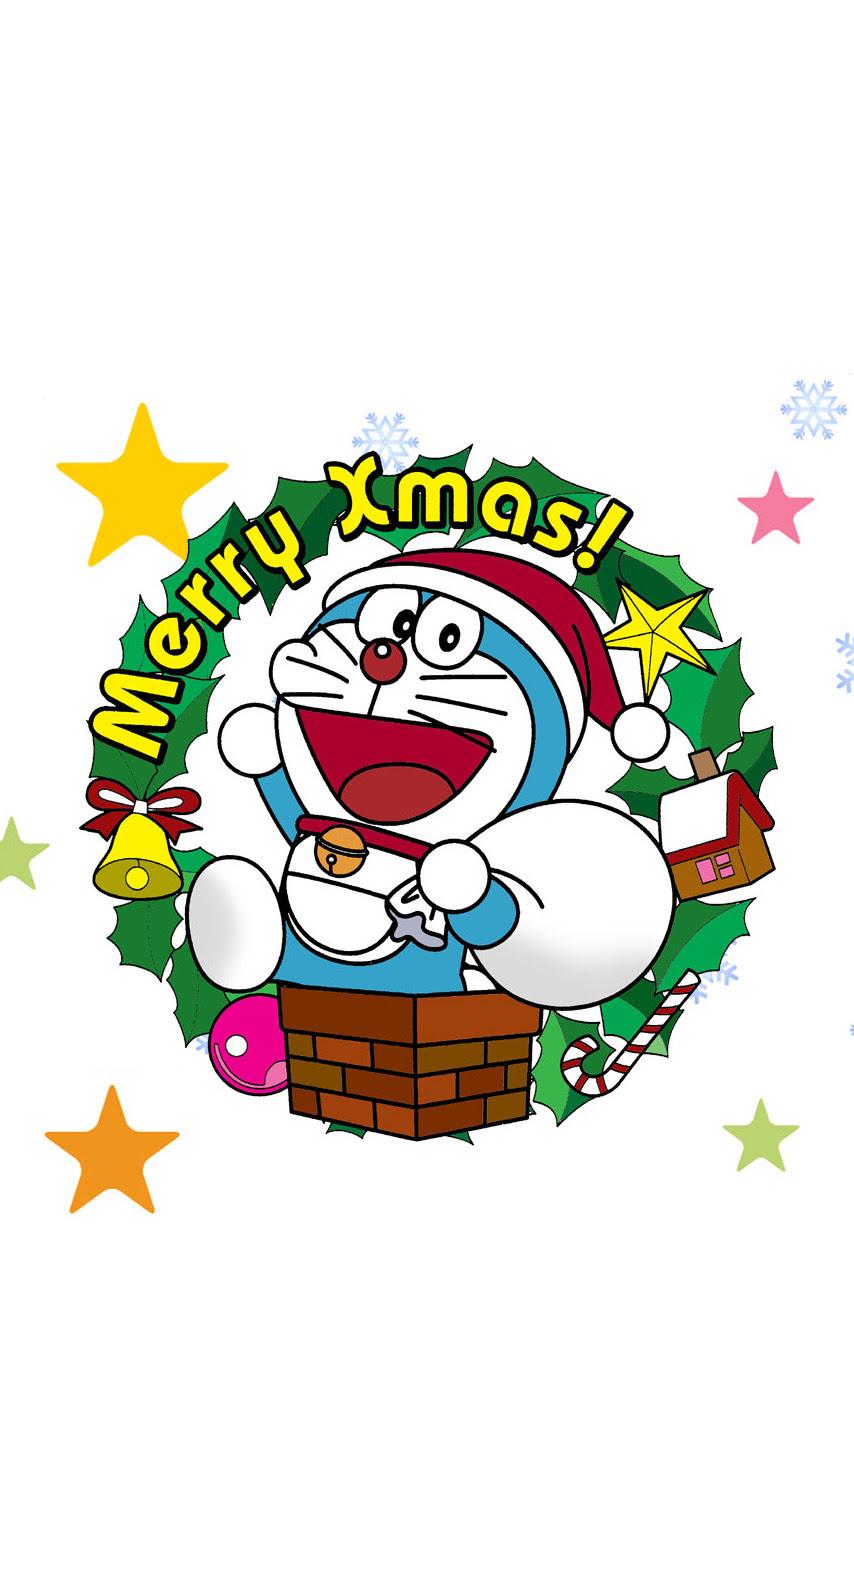 ドラえもんのクリスマス めちゃ人気 Iphone壁紙dj